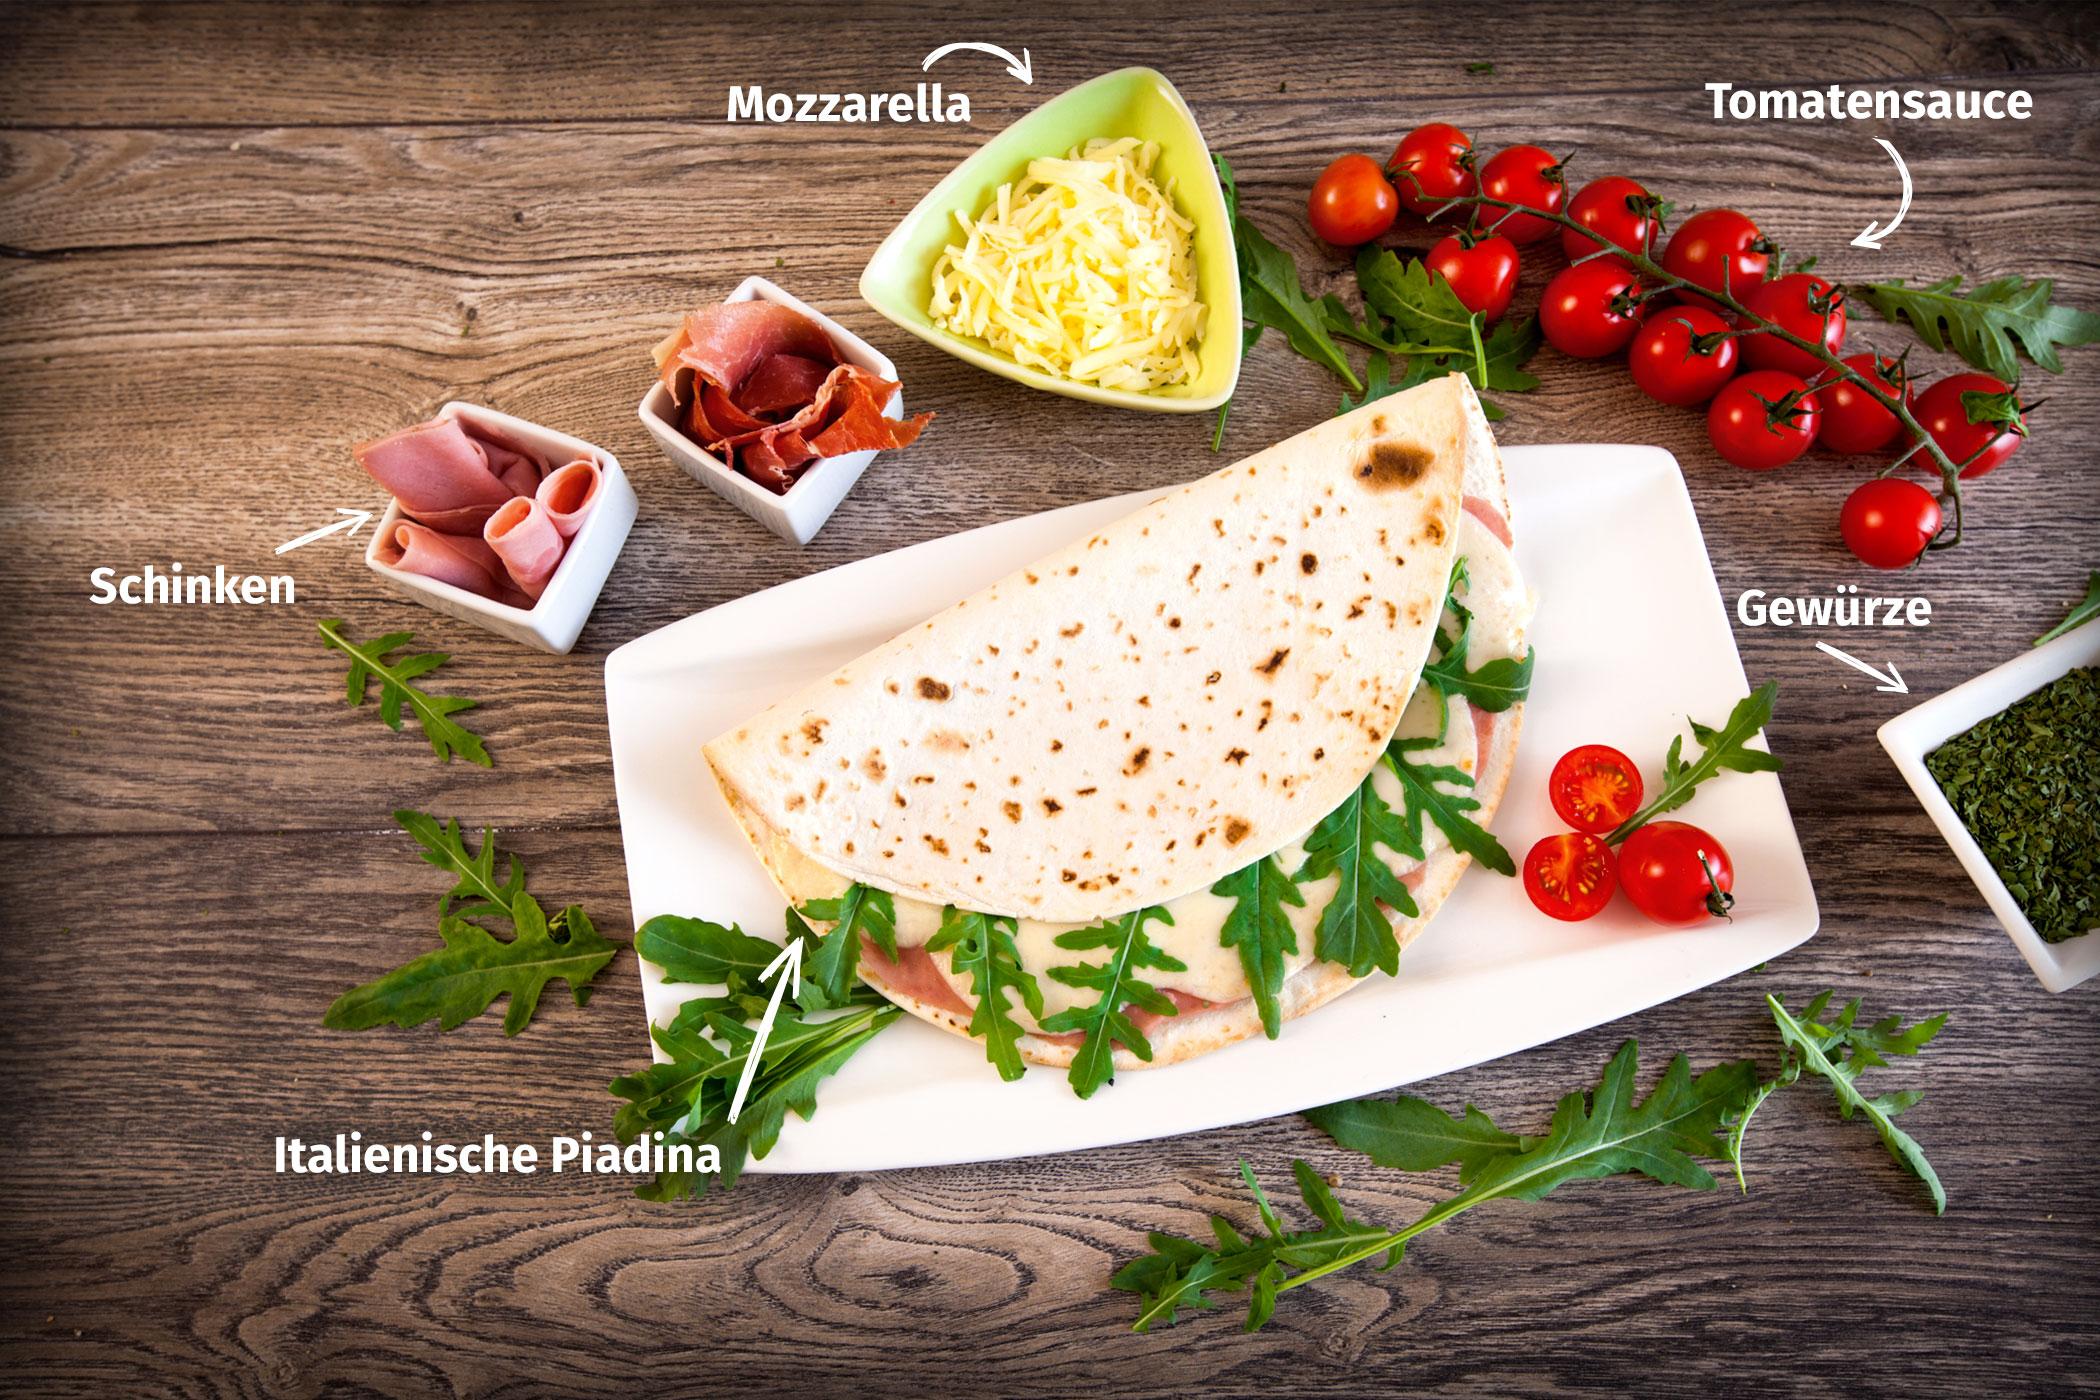 Original Franzesco Piadina Prosciutto gefüllt mit Tomatensauce, Mozzarella und Schinken